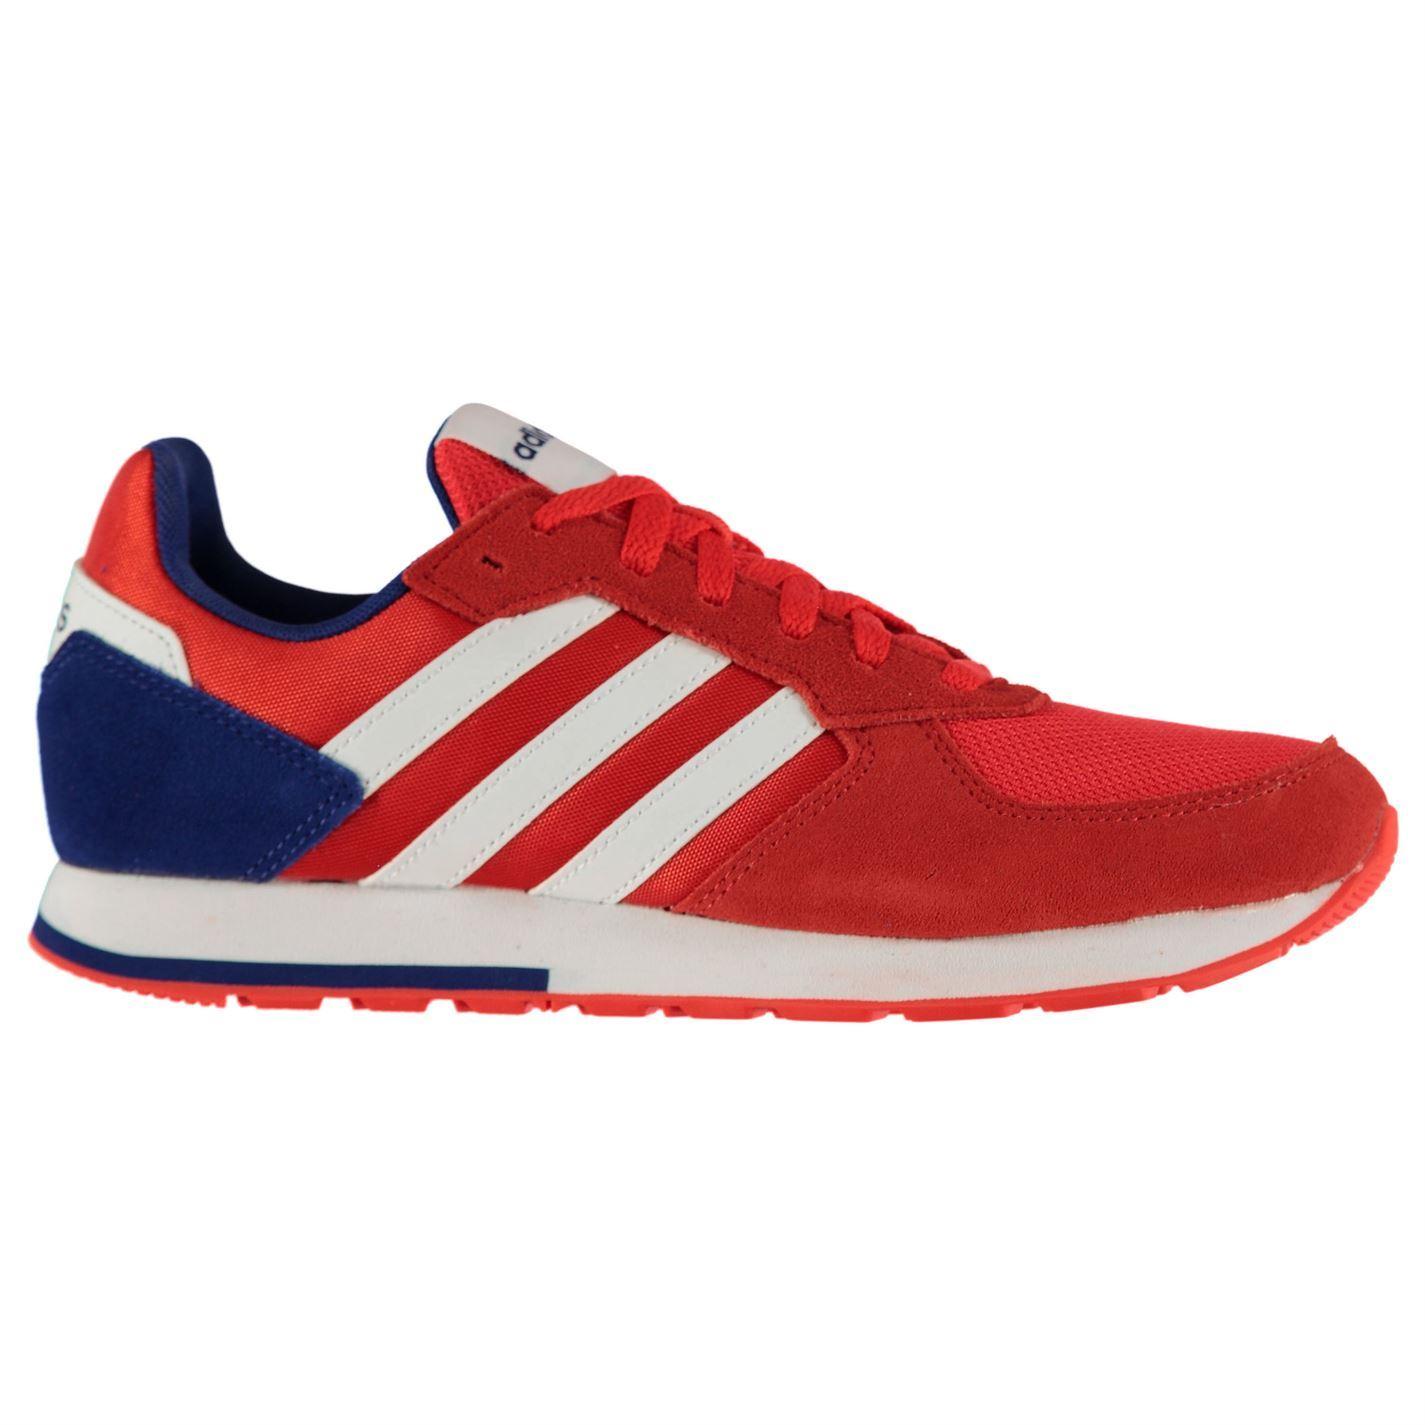 Adidas para hombre con 8K Zapatillas corredores con hombre cordones Parte superior de malla a rayas de gamuza 8b0e35